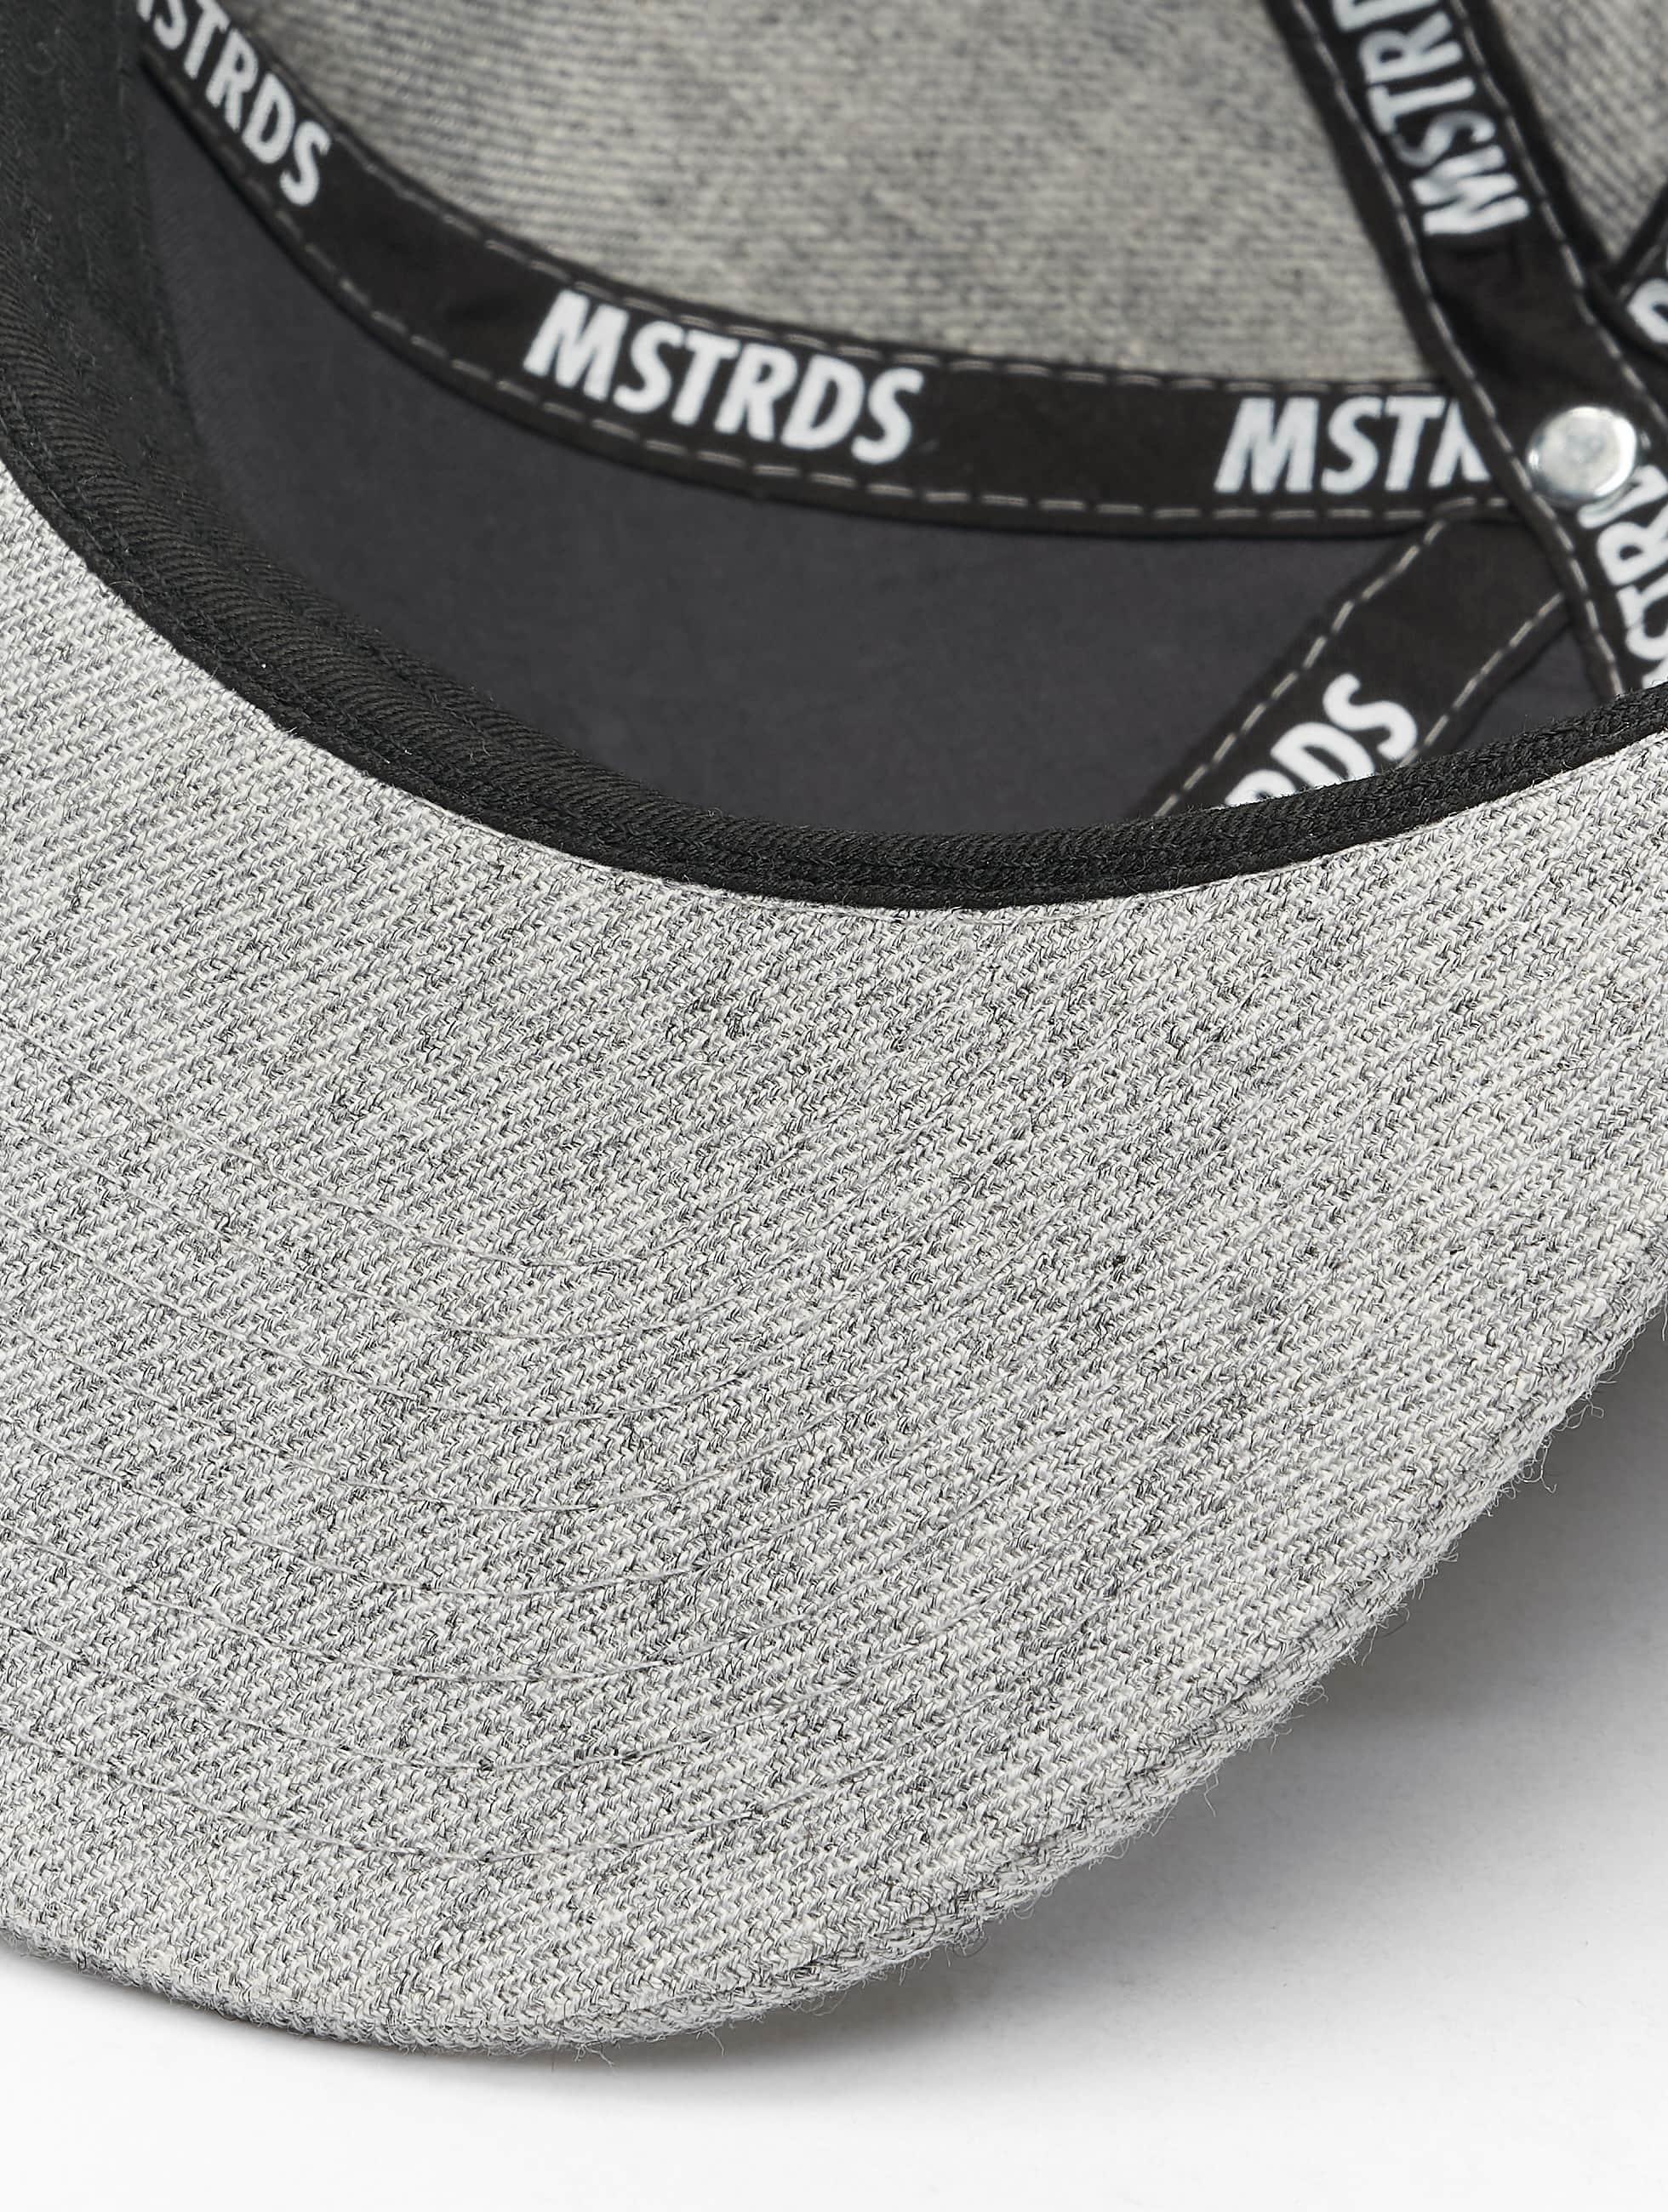 MSTRDS Snapback X Letter šedá